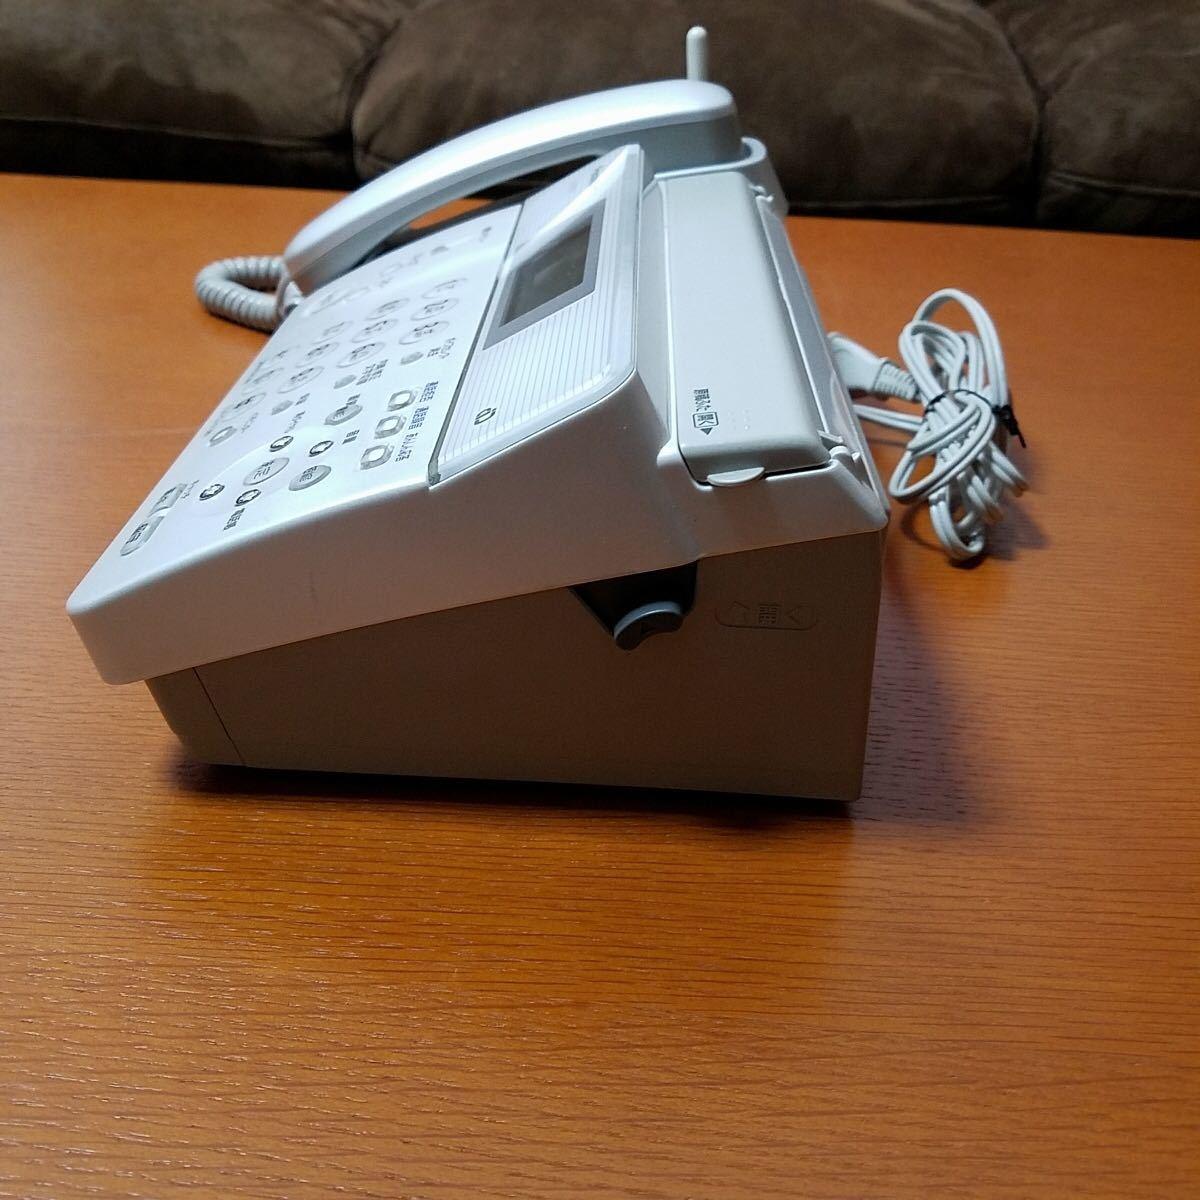 元箱入り 美品 Panasonic KX-PW211DL-S パナソニック パーソナルファックス おたっくす 電話機 親機_画像4